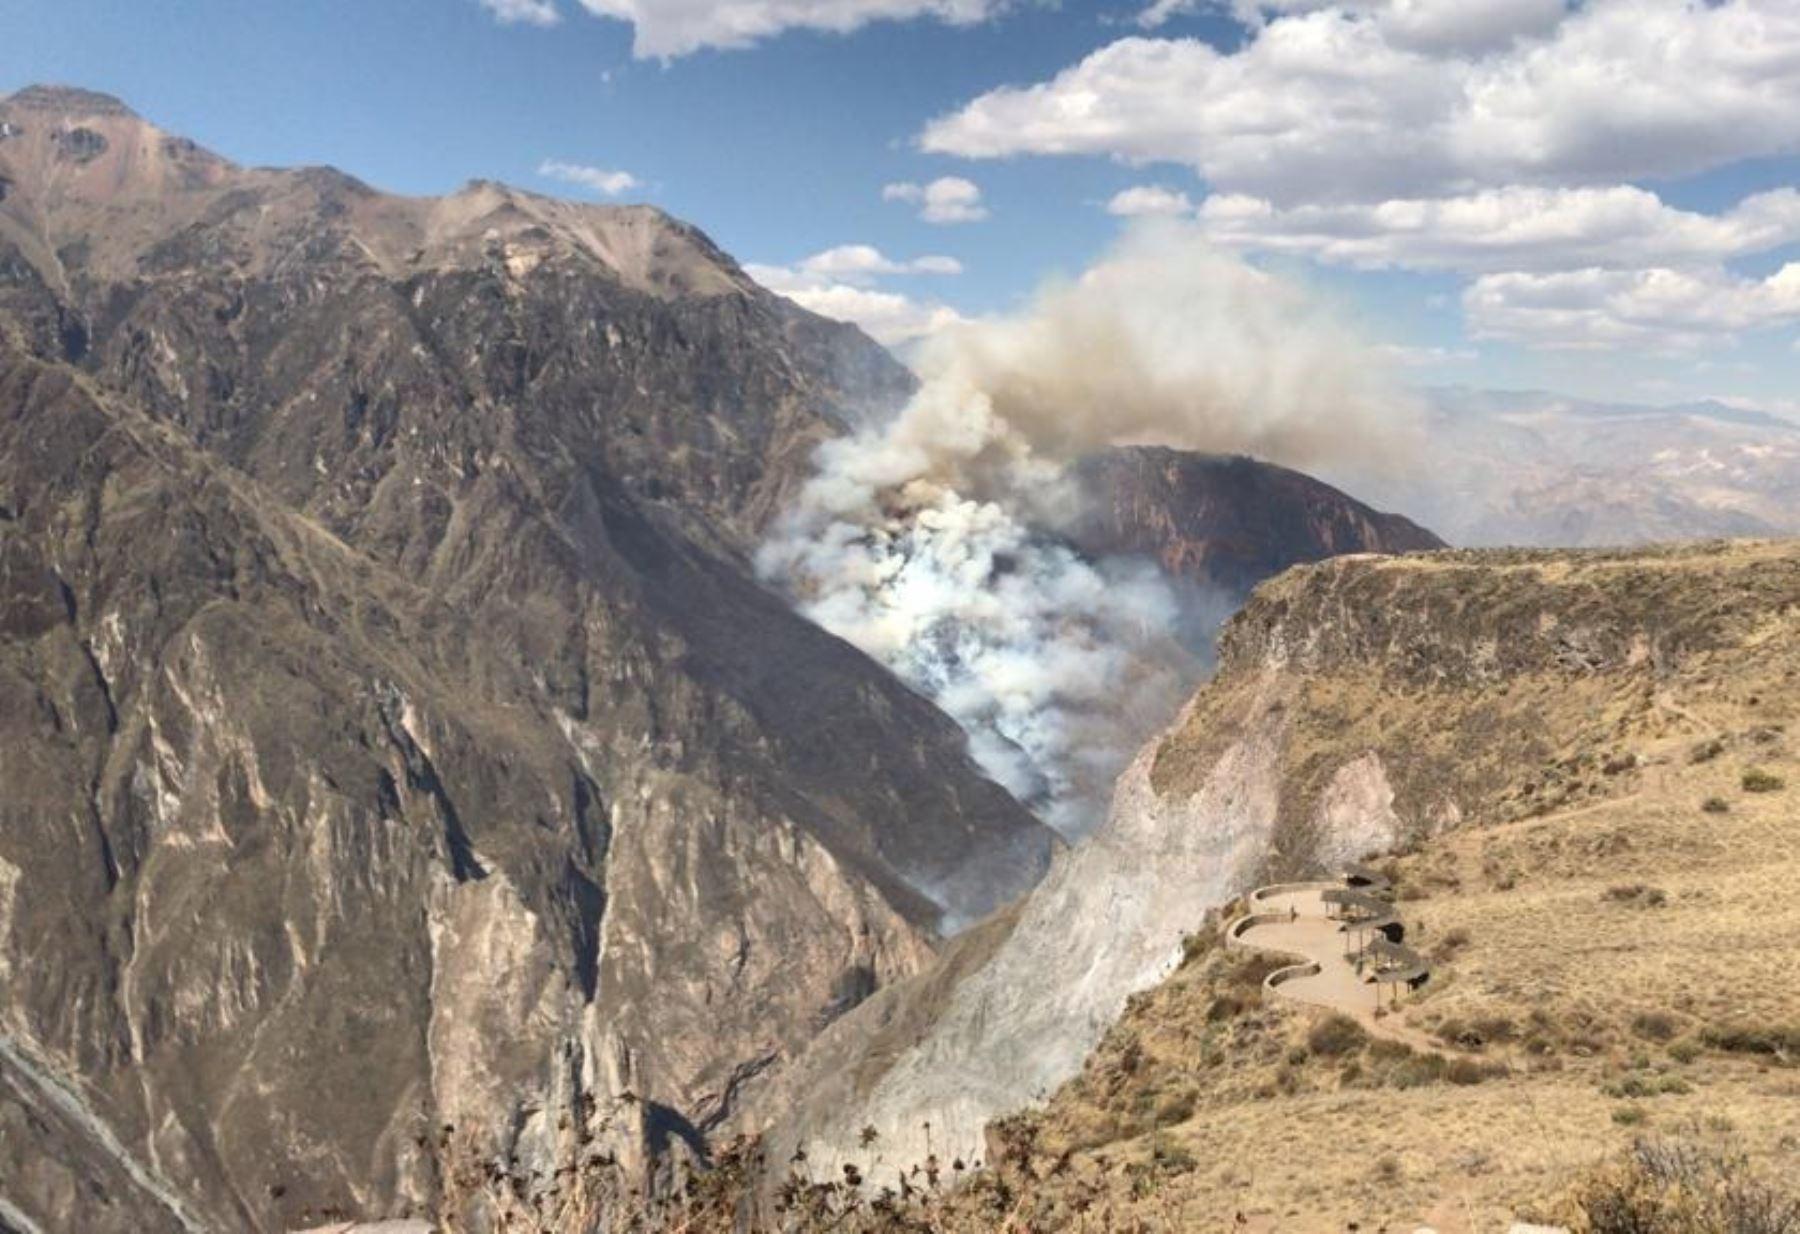 Alerta en Arequipa por incendio forestal en el valle del Colca. ANDINA/Difusión